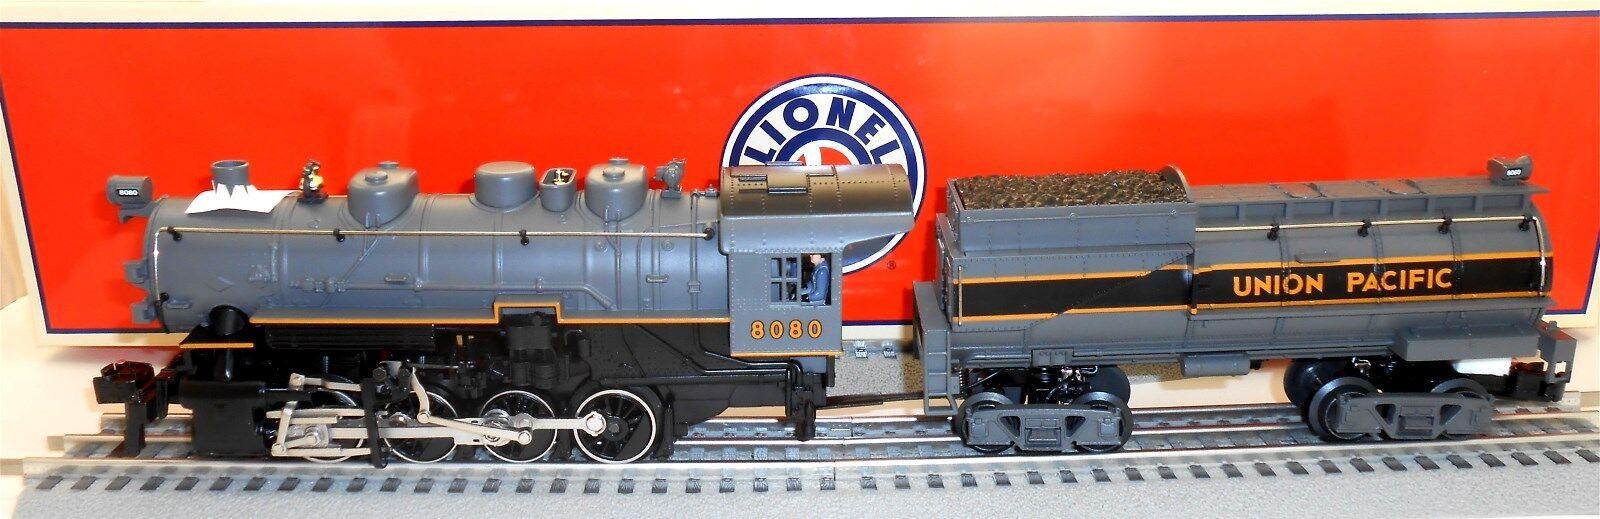 Lionel Union Pacific oro Coast Motor & coaltender   6-81671